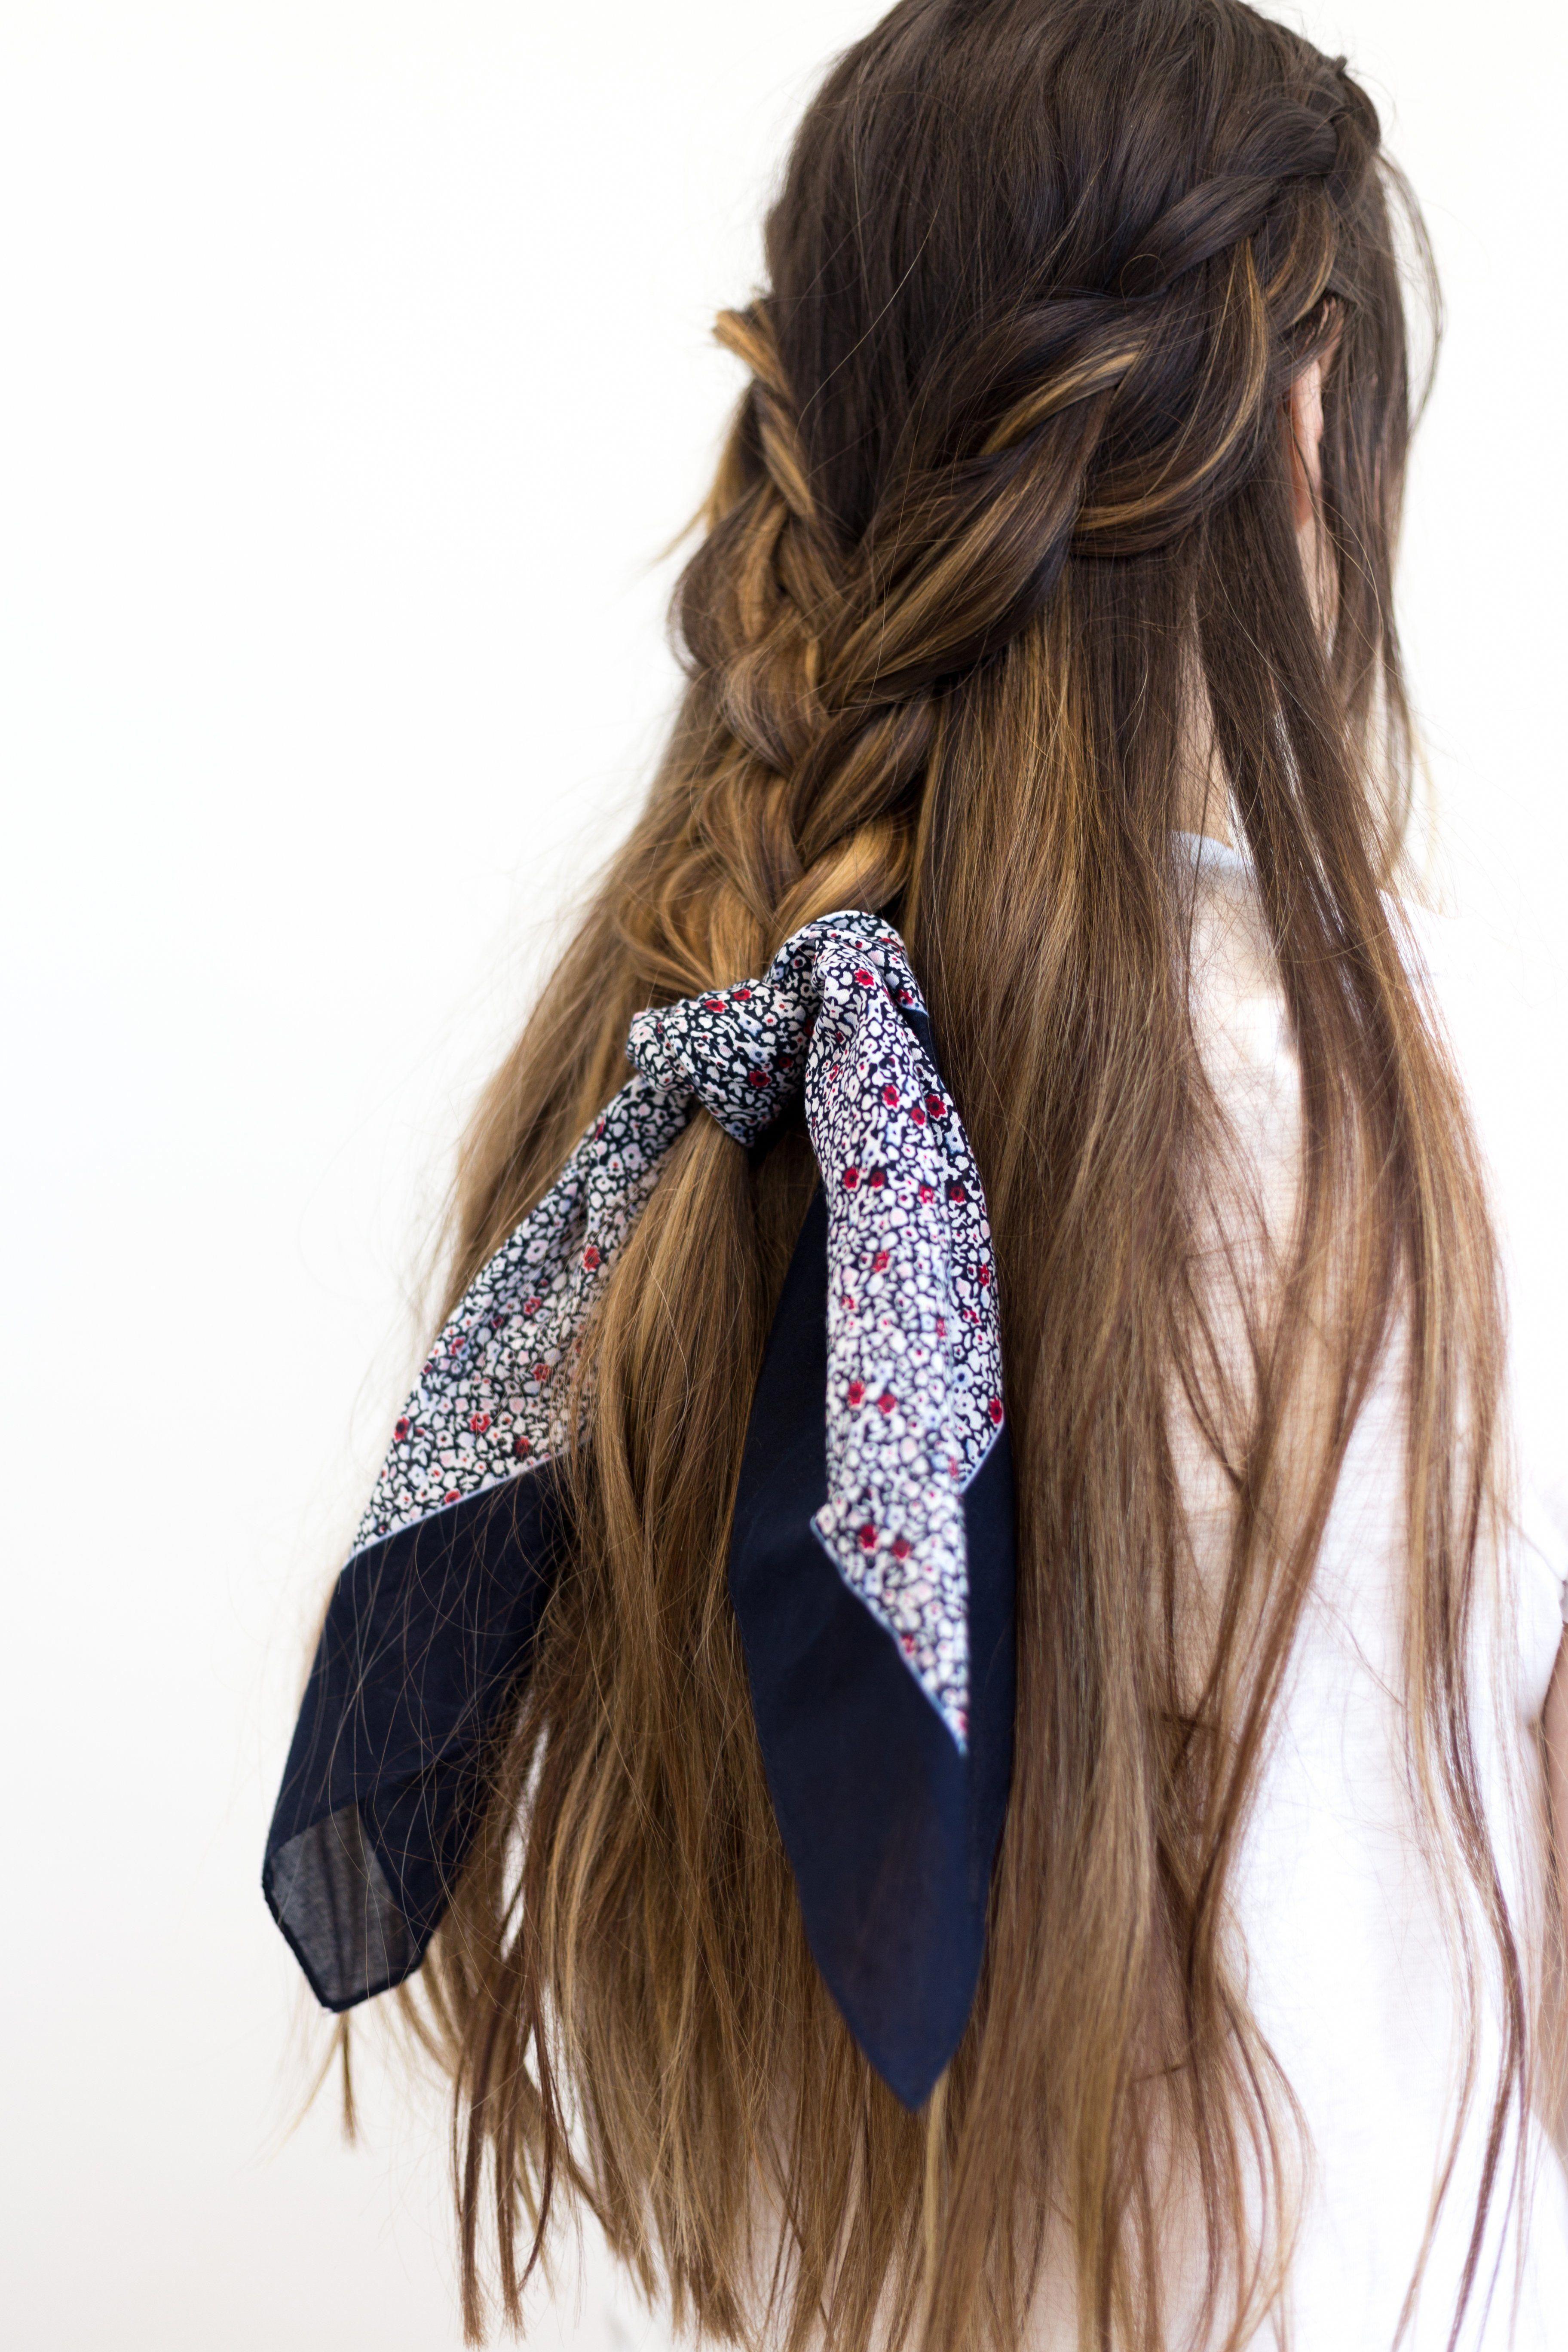 In Bloom Printed Scarf Braidshairstyles Scarf Hairstyles Hair Scarf Styles Long Hair Girl